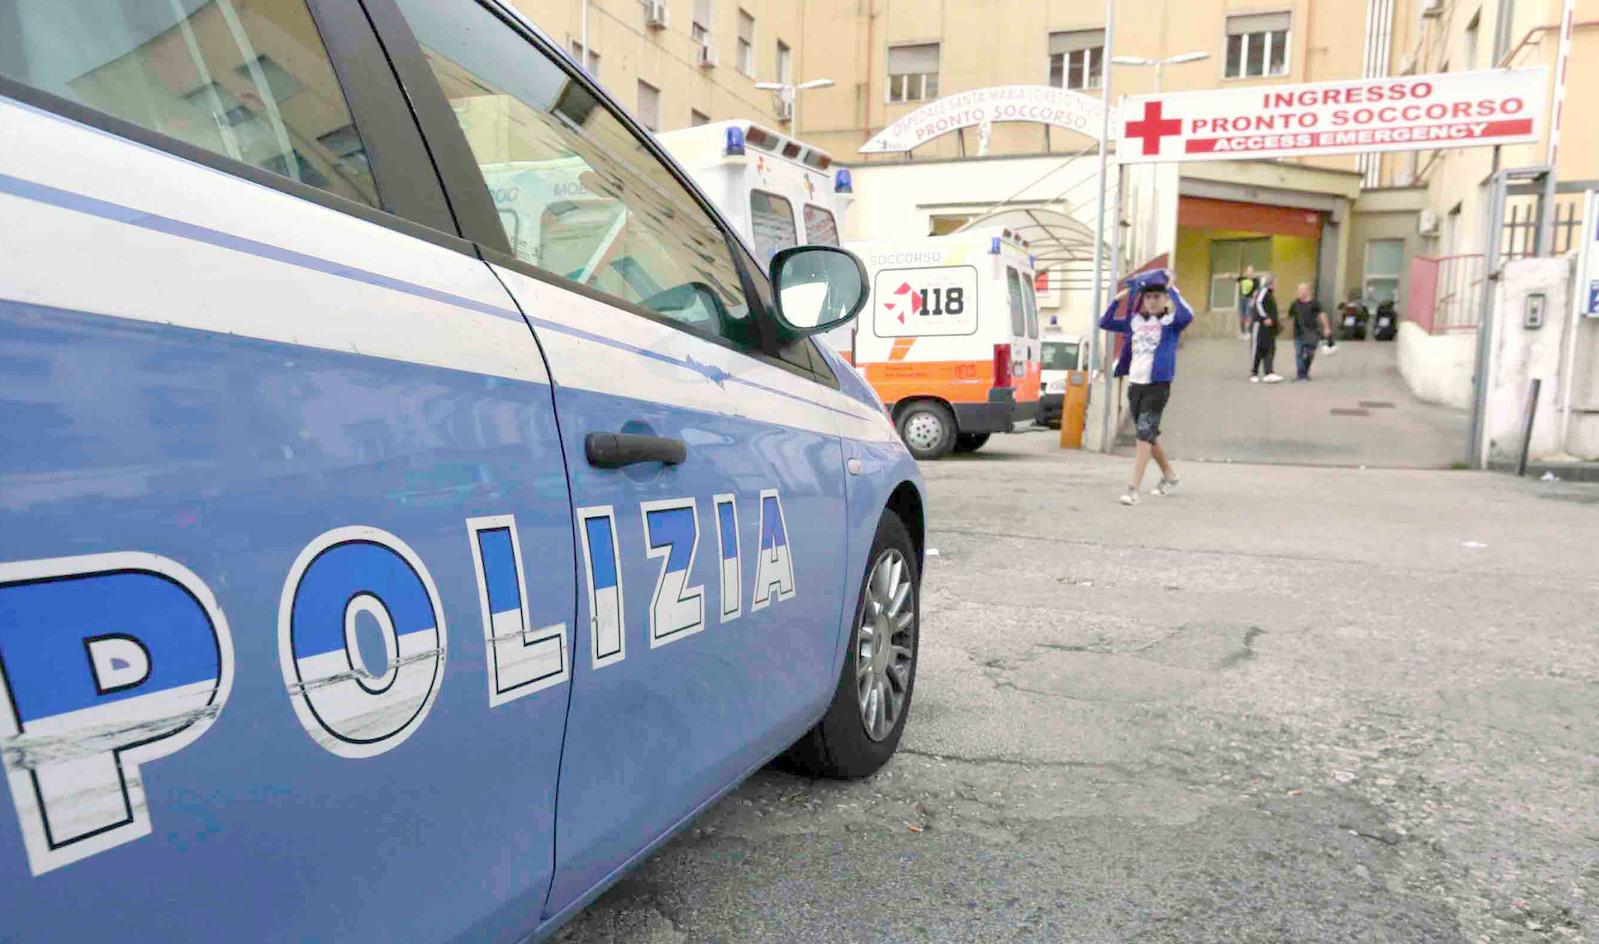 Pistolettata contro il Loreto Mare, trovato in serata il bossolo: esploso da una 7,65